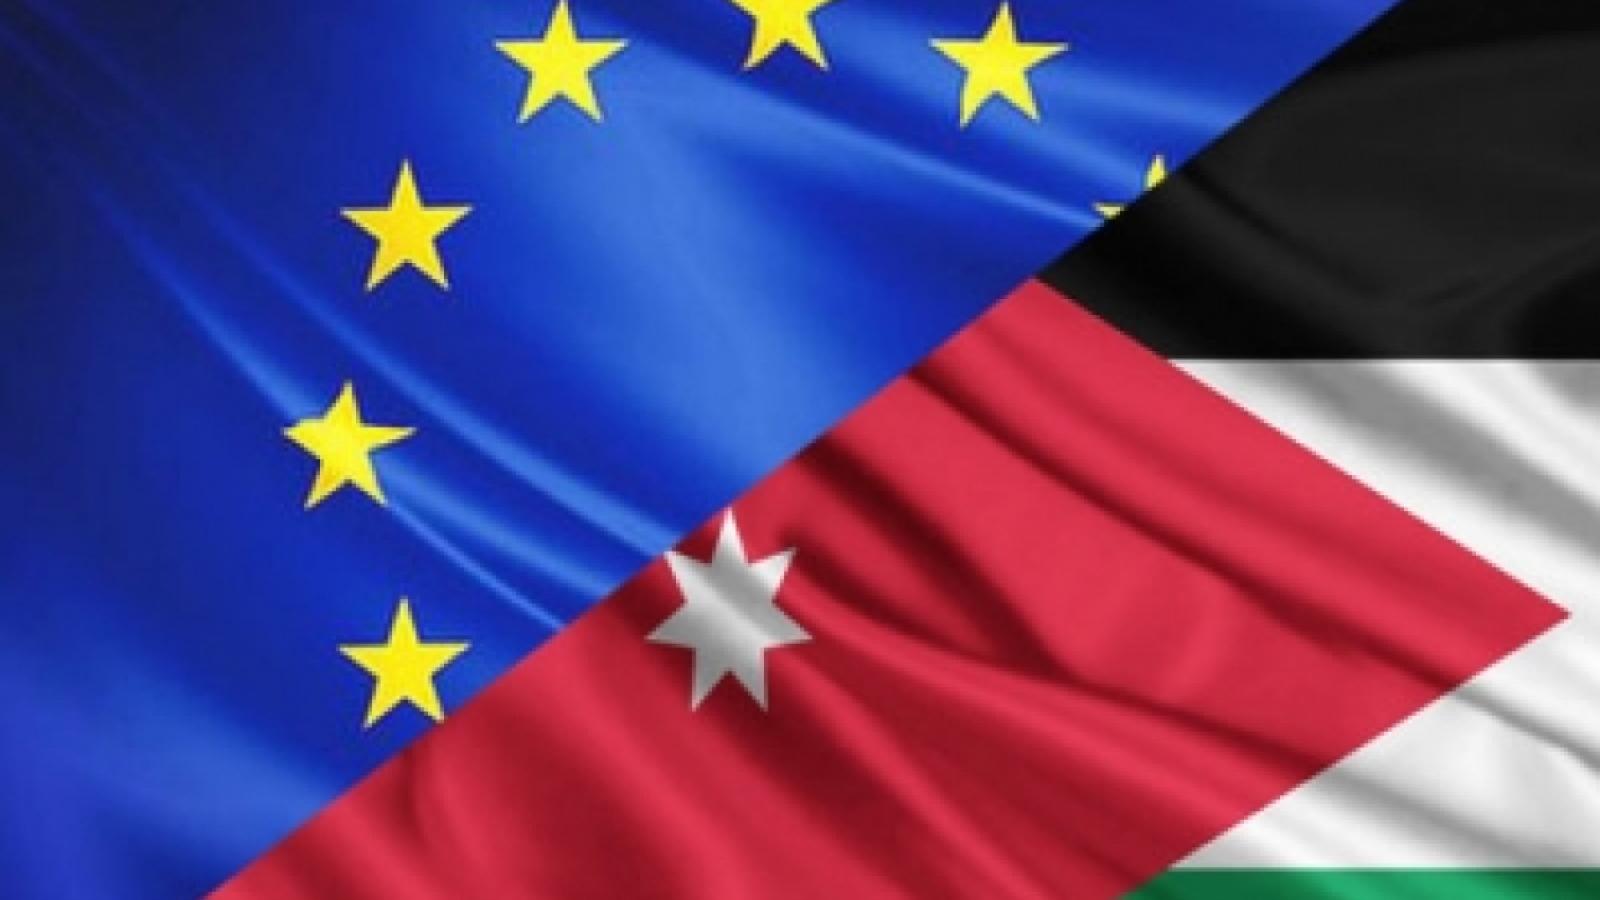 欧盟与约旦完成项目合作以提高辐射安全性和放射性废物的管理